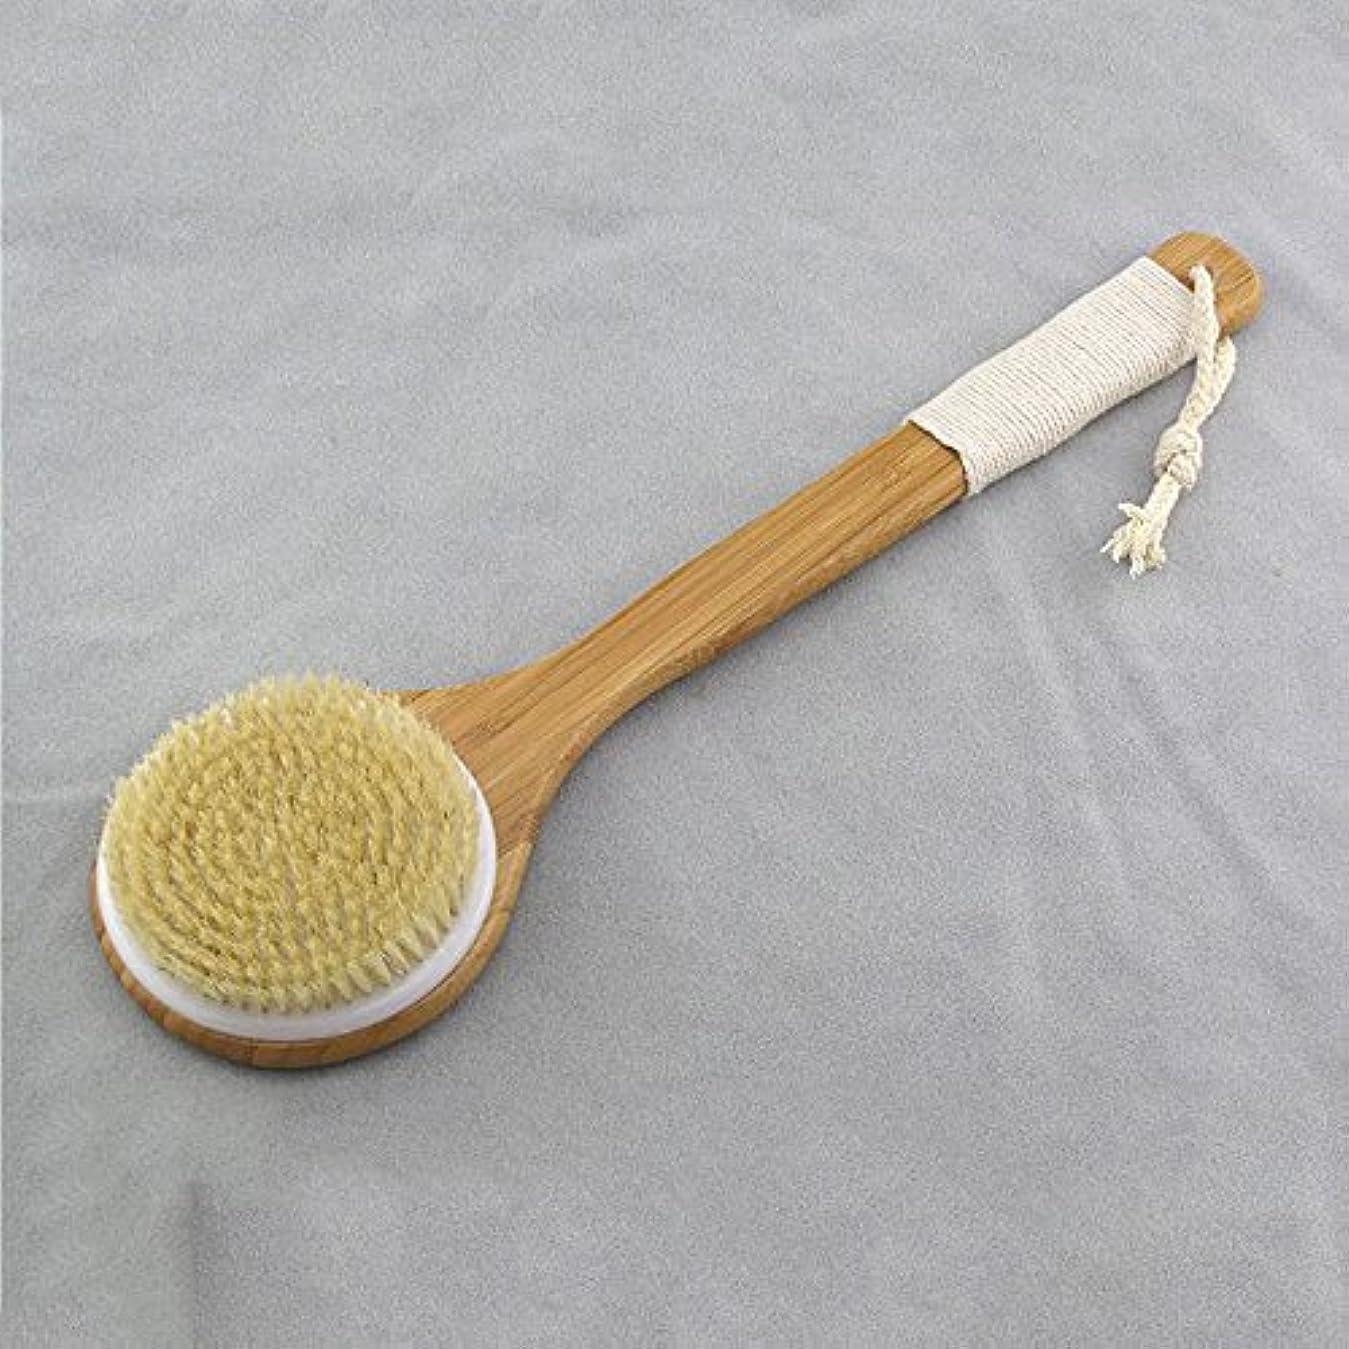 少ないテクニカル好ましいBigmind ボディブラシ ロング マッサージ 豚毛100% 体洗いブラシ お風呂グッズ 竹製長柄 角質除去 美肌効果 背中